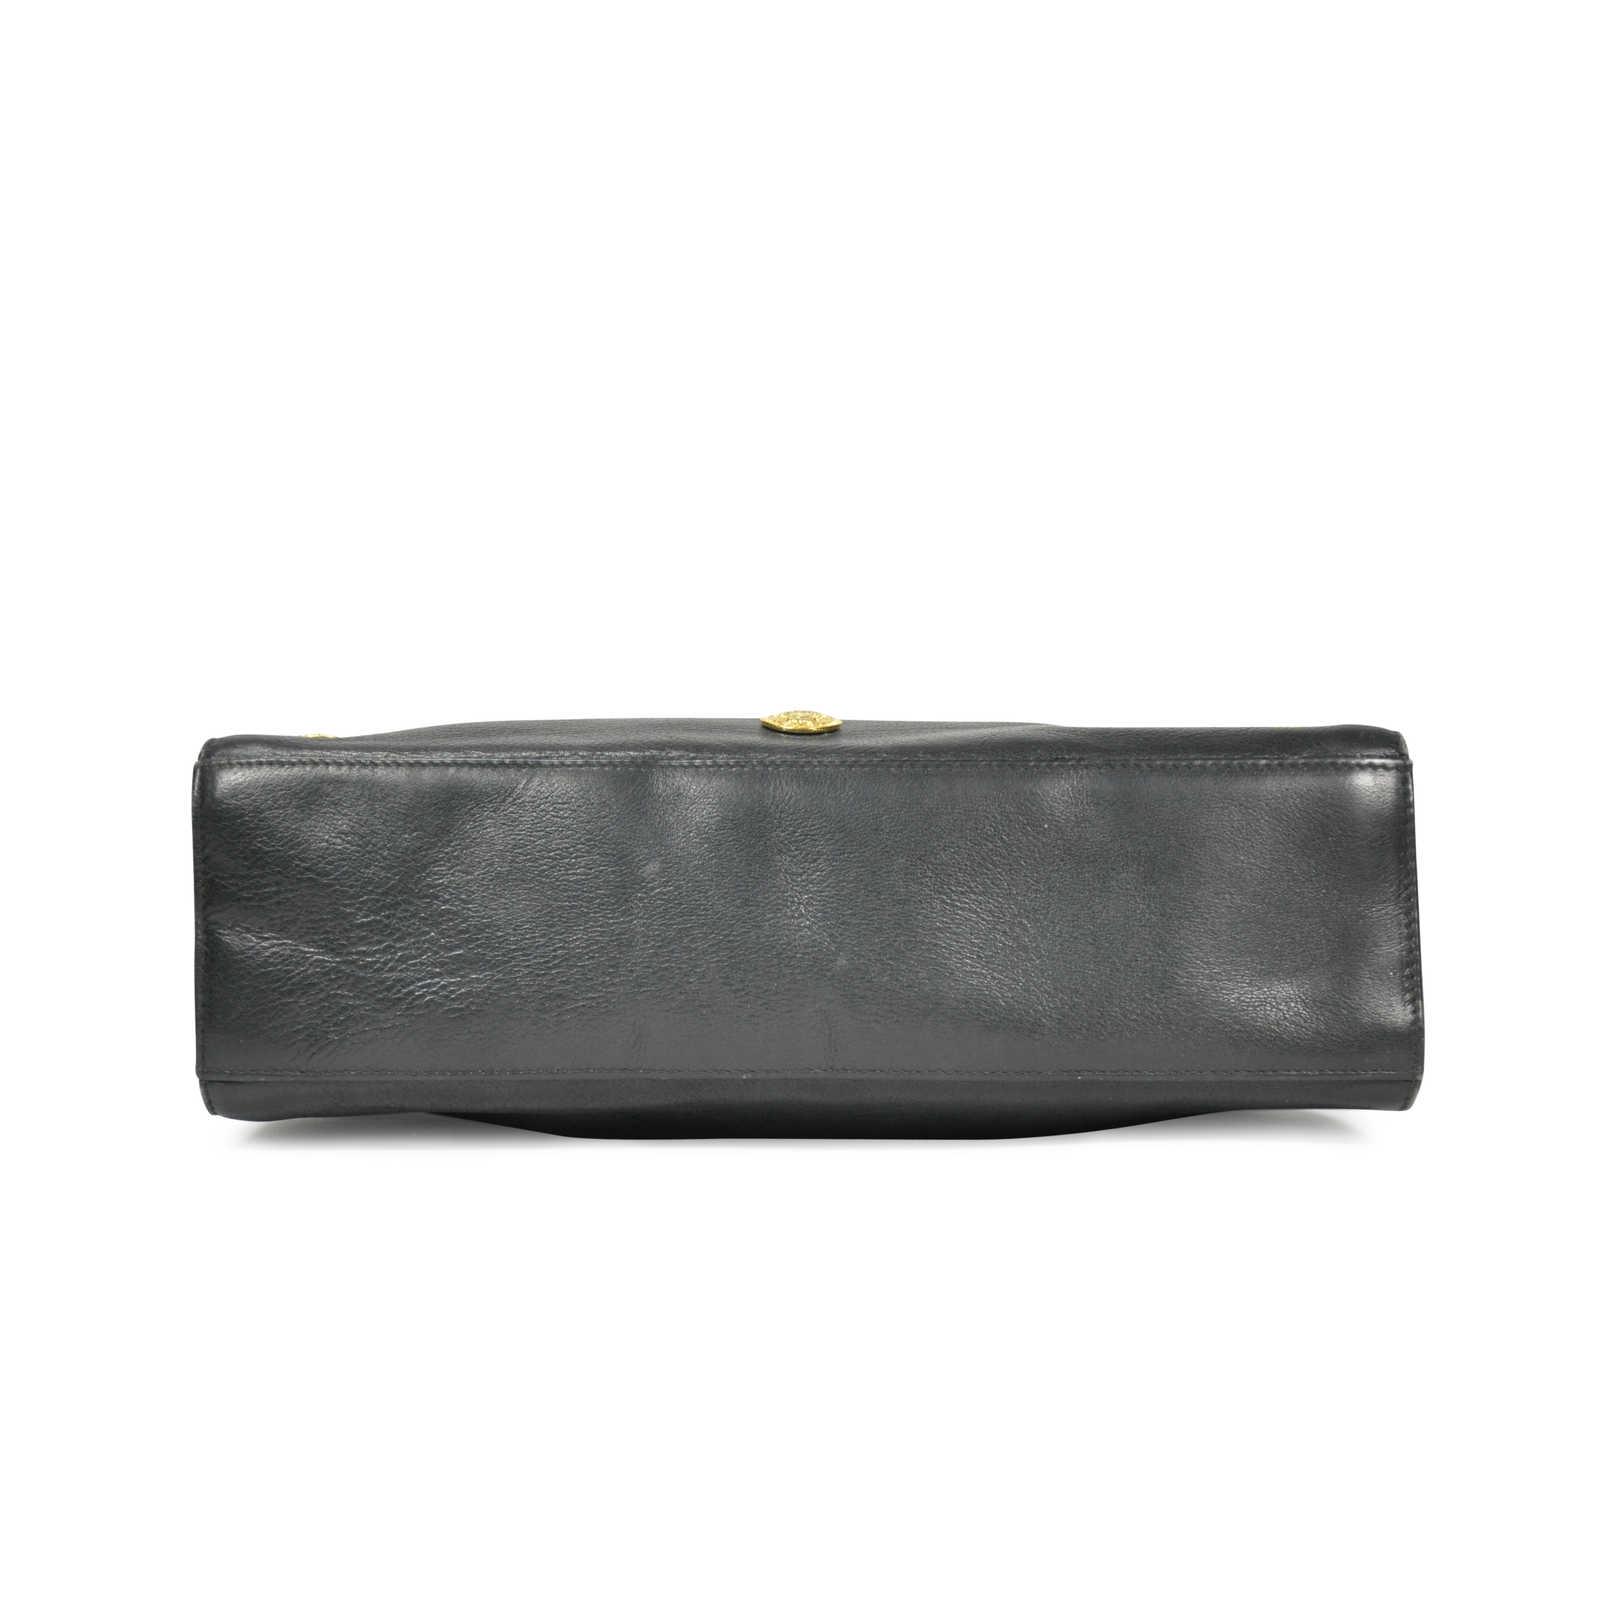 ... Authentic Vintage Versace Medusa Bag (PSS-201-00008) - Thumbnail 2 ... cb1ed0f14e64f